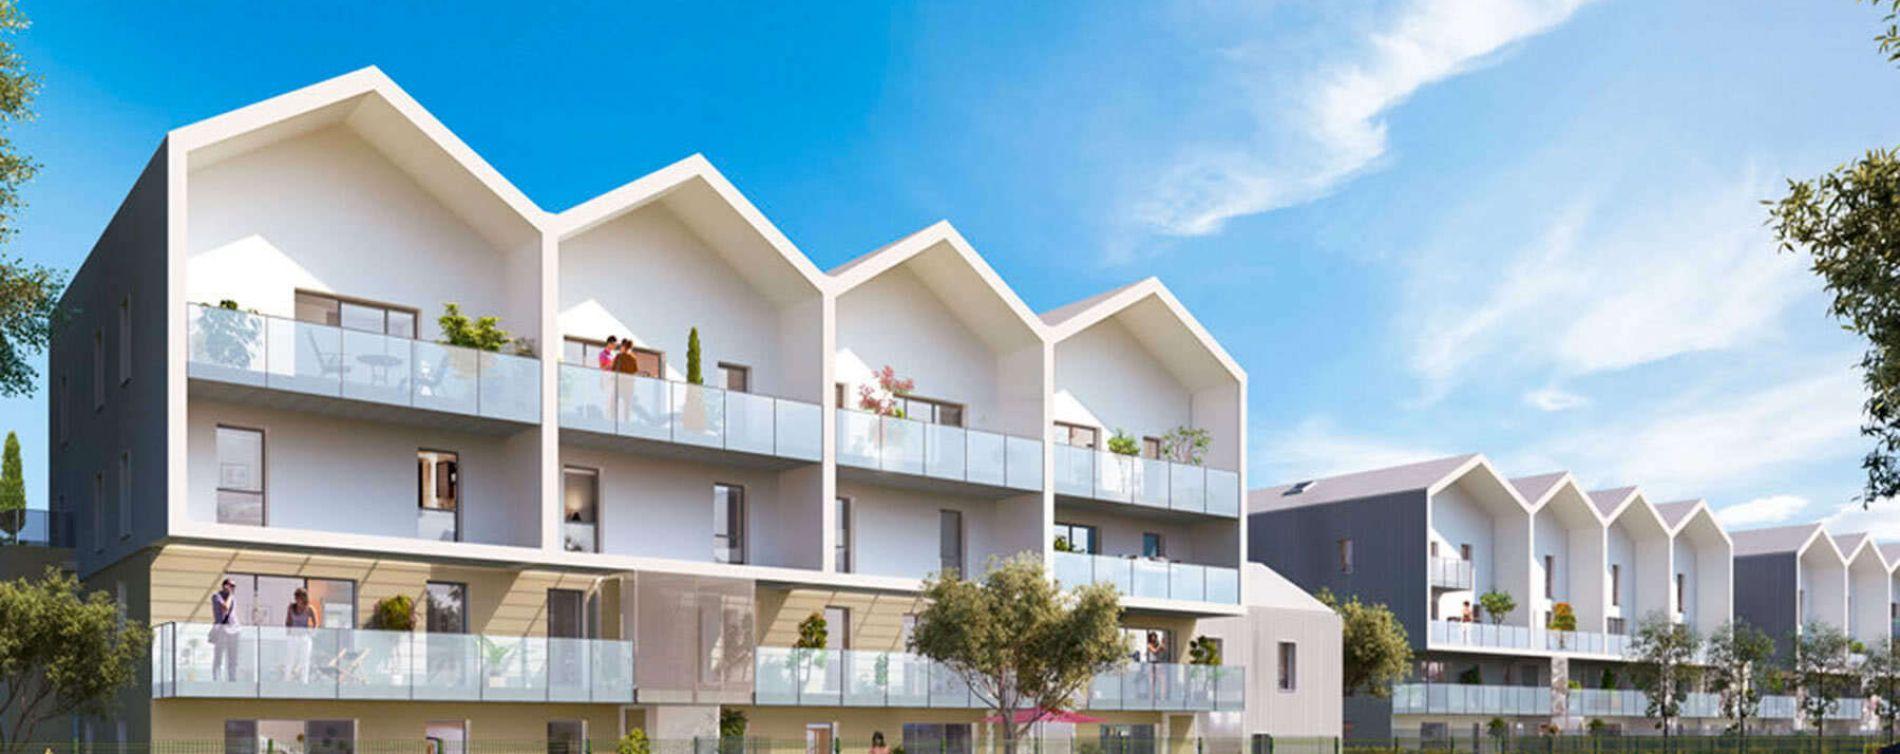 Saint-Priest : programme immobilier neuve « Factory Link » (2)